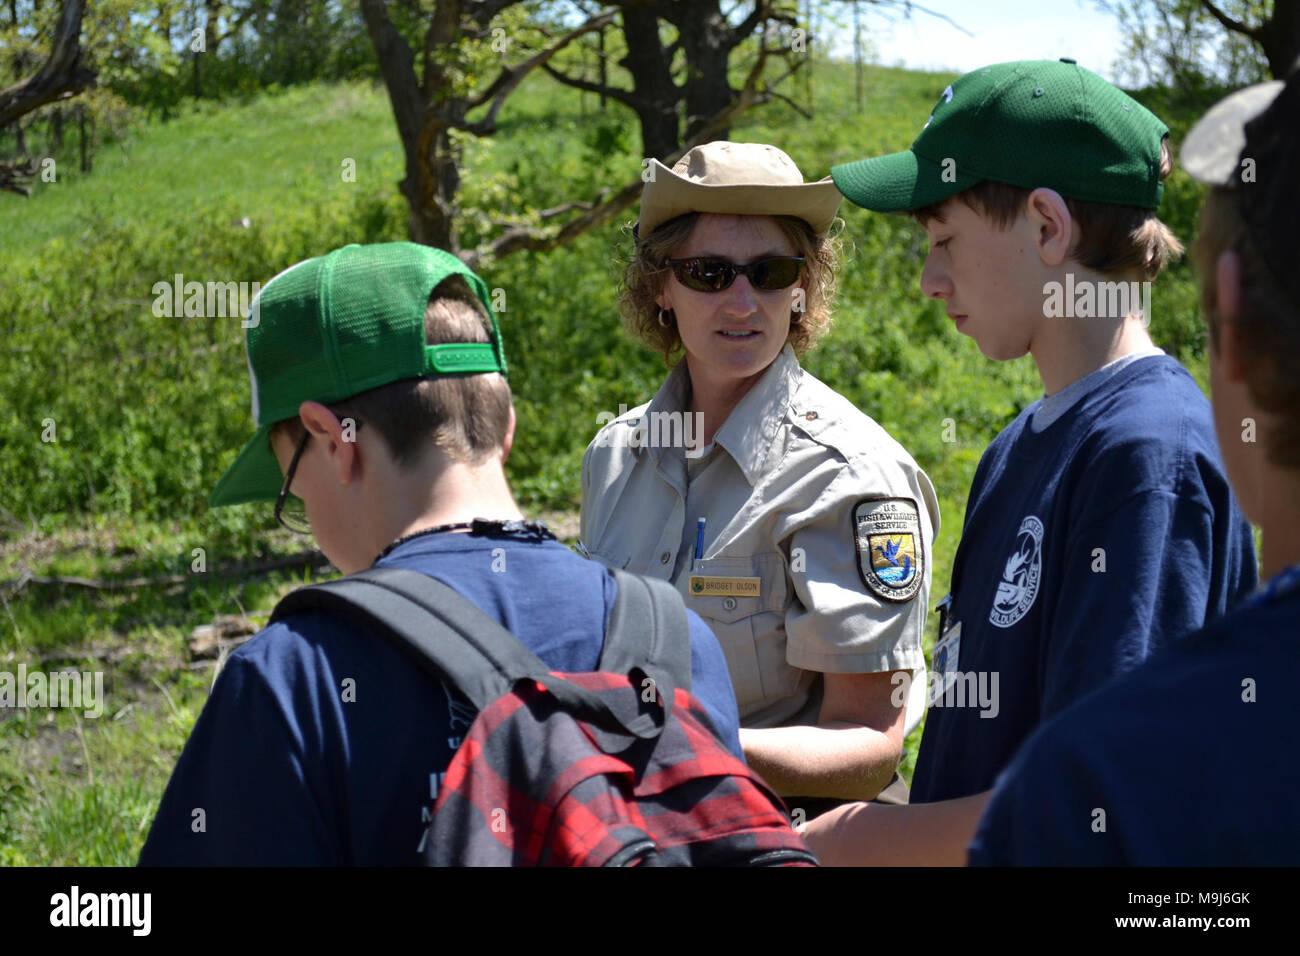 Zona umida di Litchfield distretto di gestione Wildlife Refuge Specialista Bridget Olson ha insegnato scout circa il concetto di vettori. Foto di Tina Shaw/USFWS. Immagini Stock